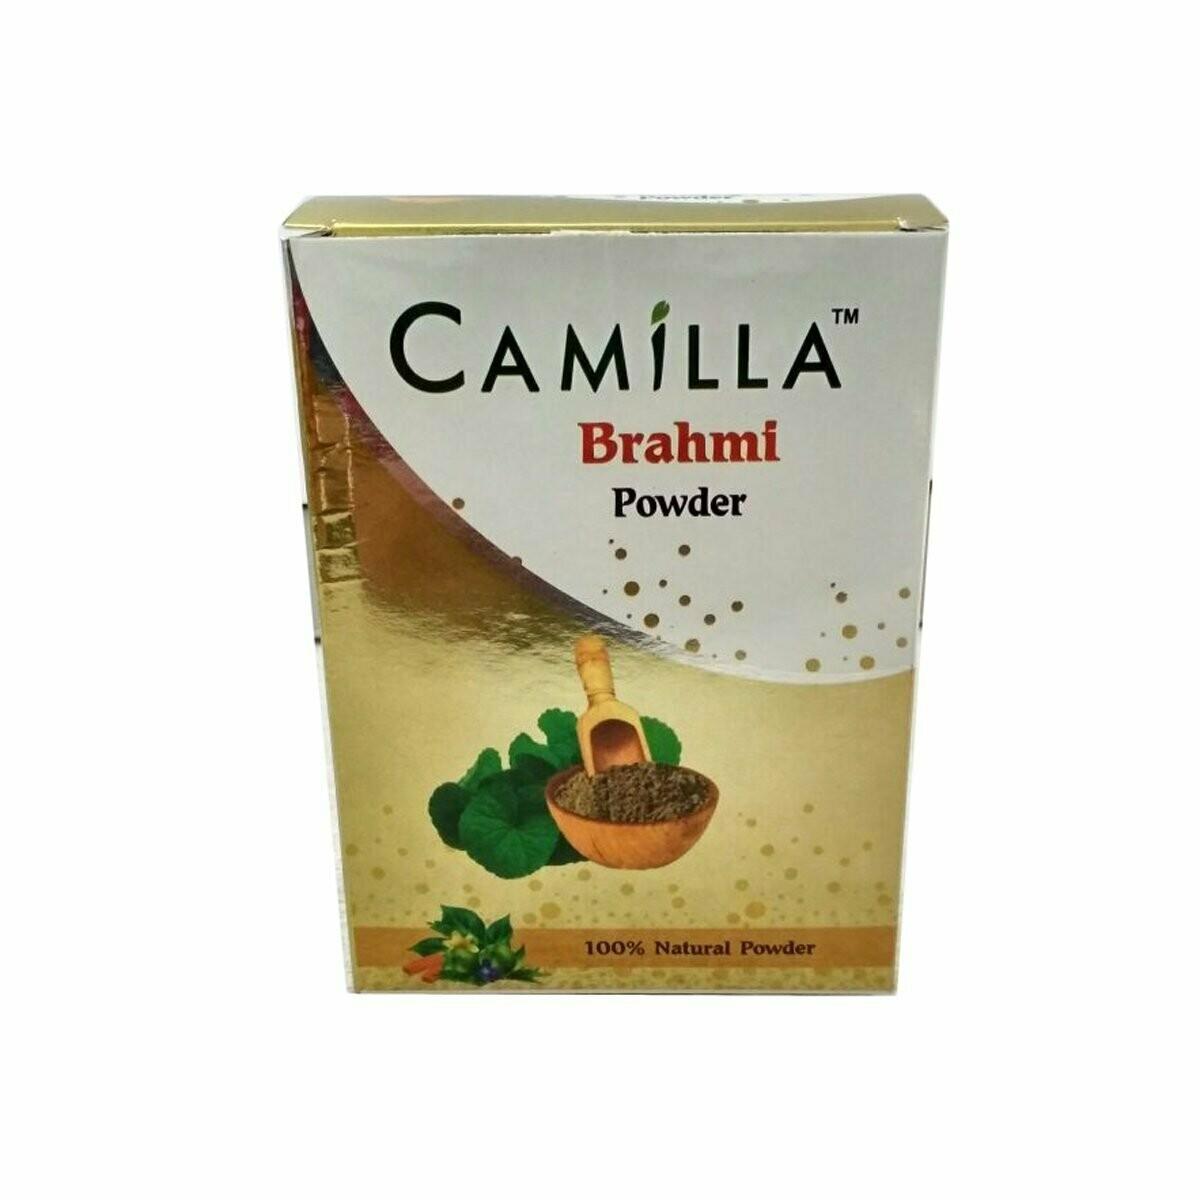 Camilla Brahmi Powder 100g